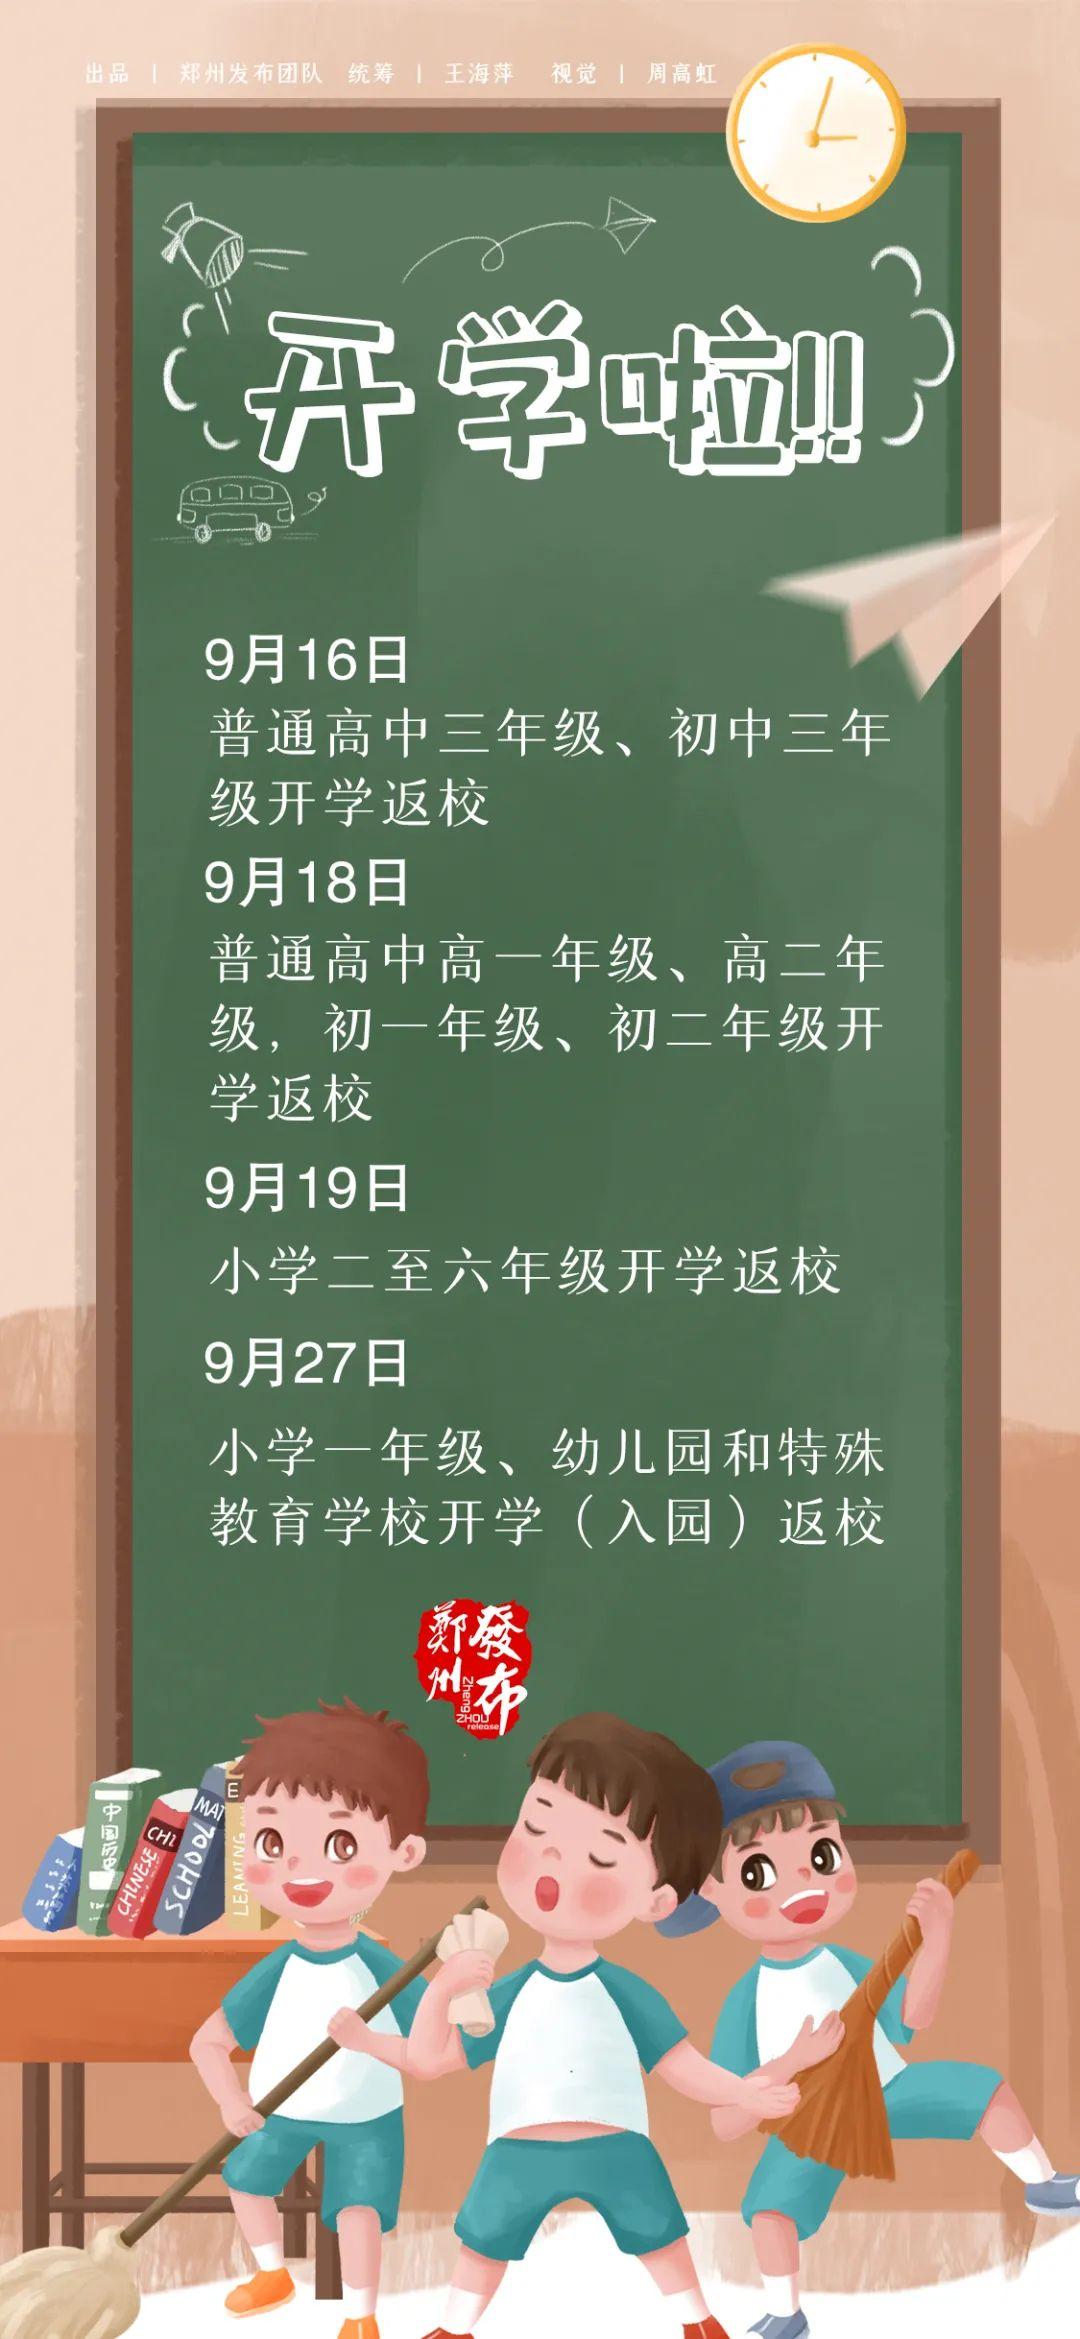 郑州市2021年秋季学期开学返校公告